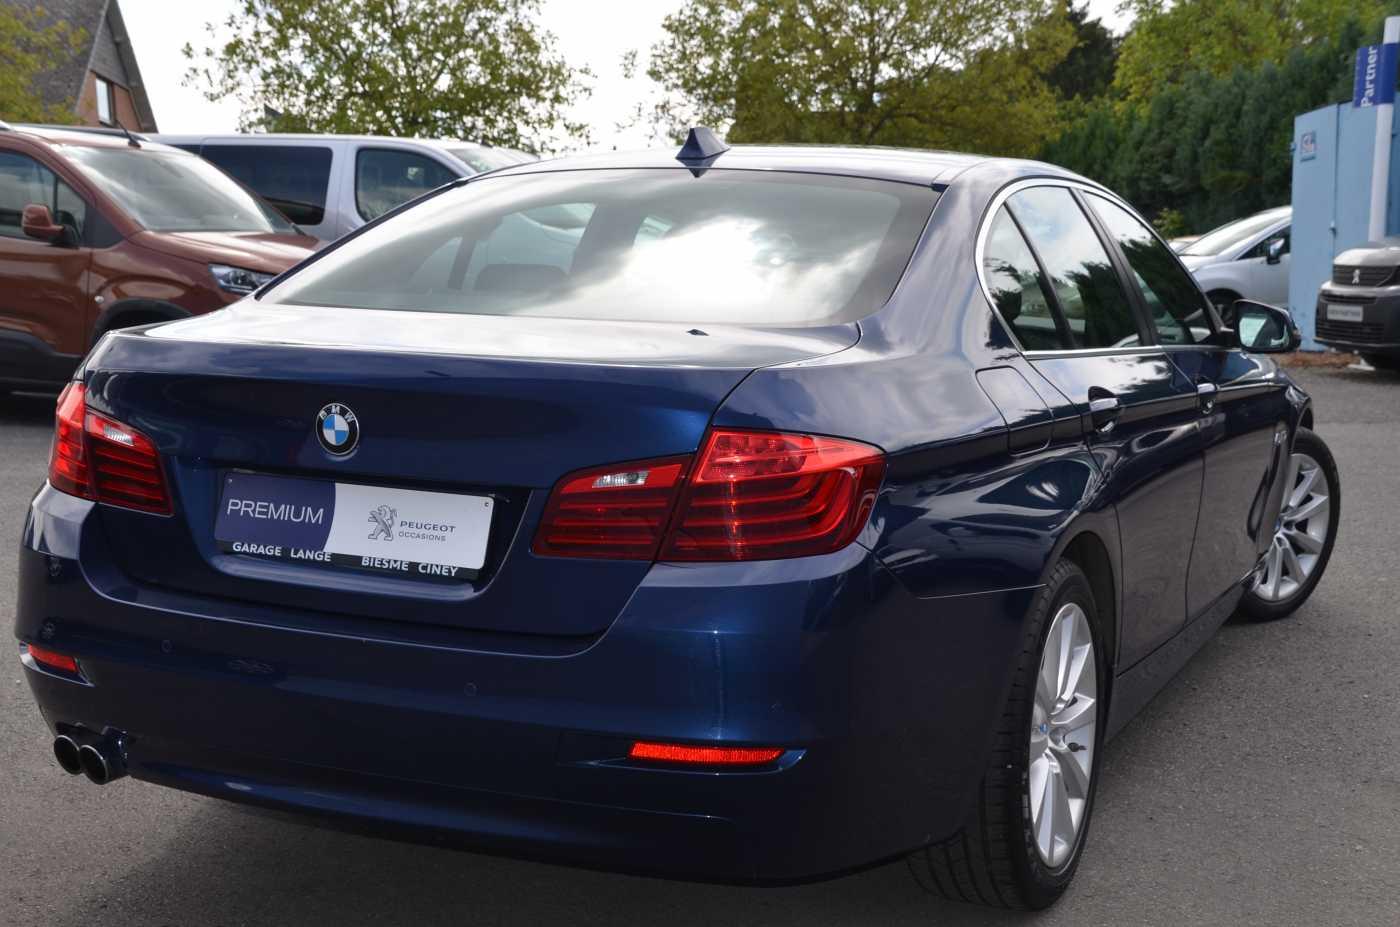 BMW 5 DIESEL - 2015 518 dA 3/12